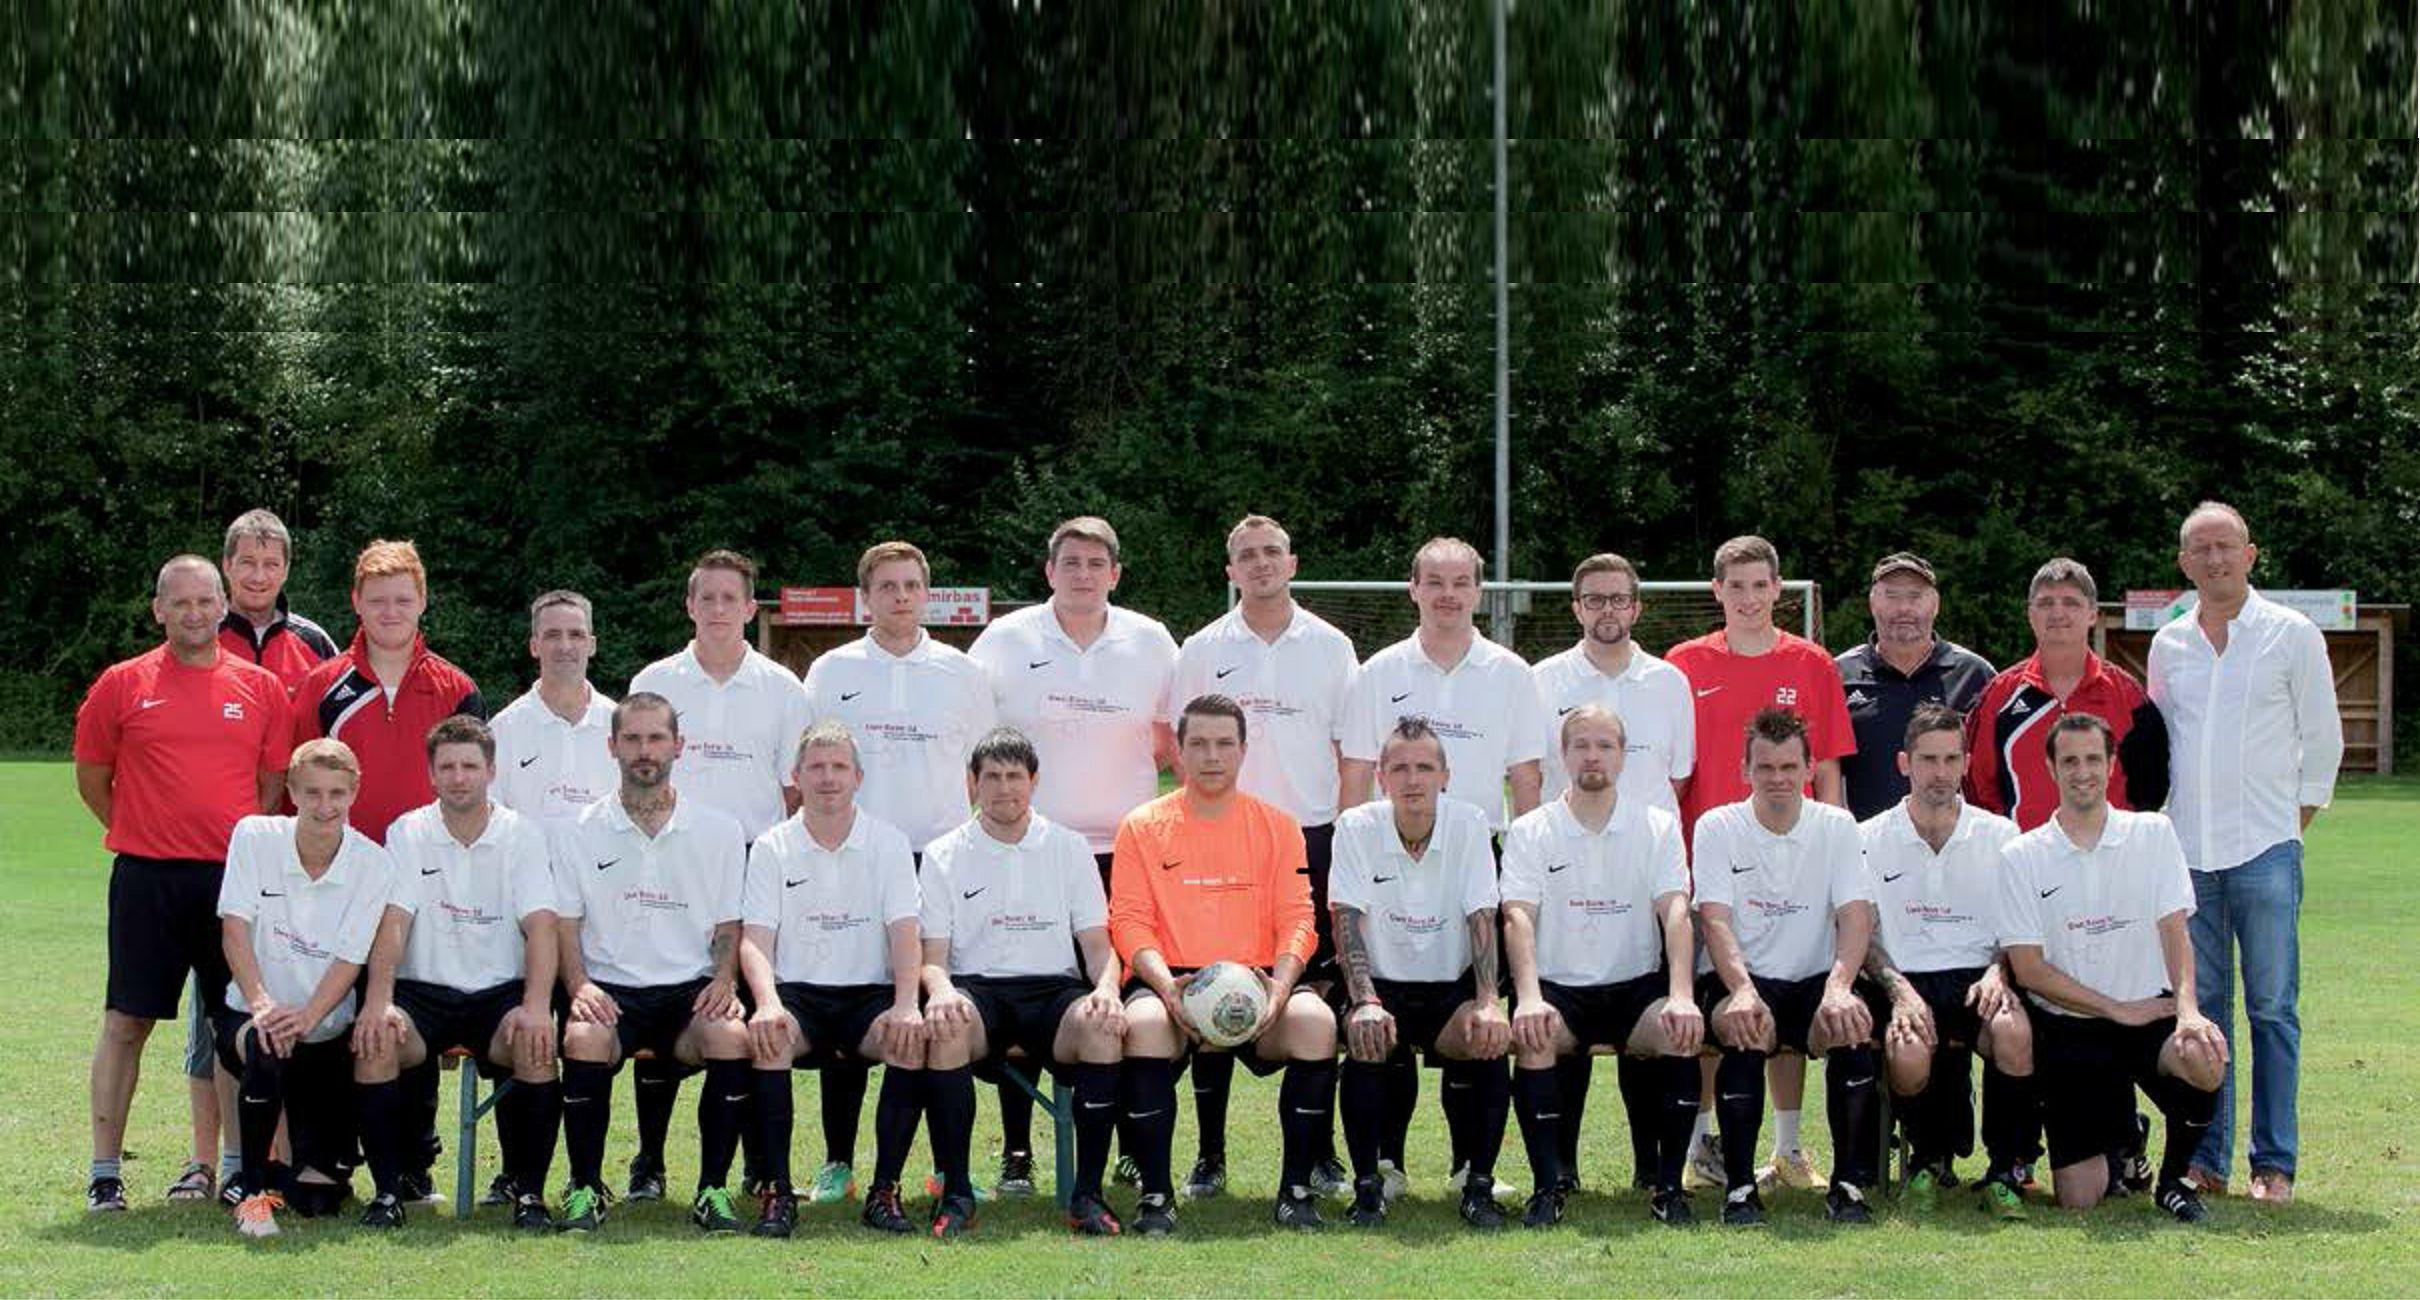 Mannschaftsfoto/Teamfoto von SV Hochhausen